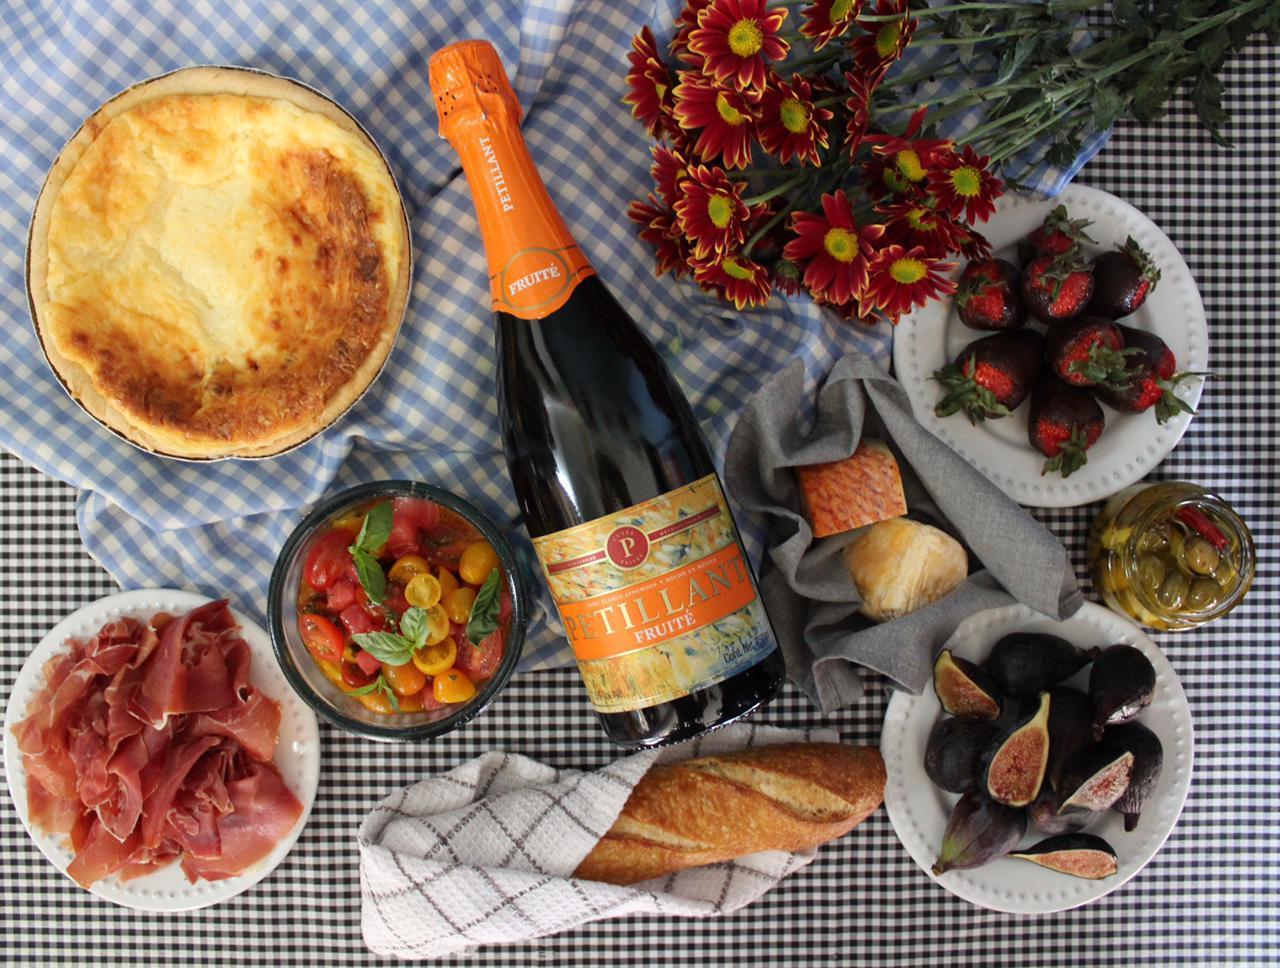 Cenas 14 de febrero a domicilio. Tierra Adentro Cocina